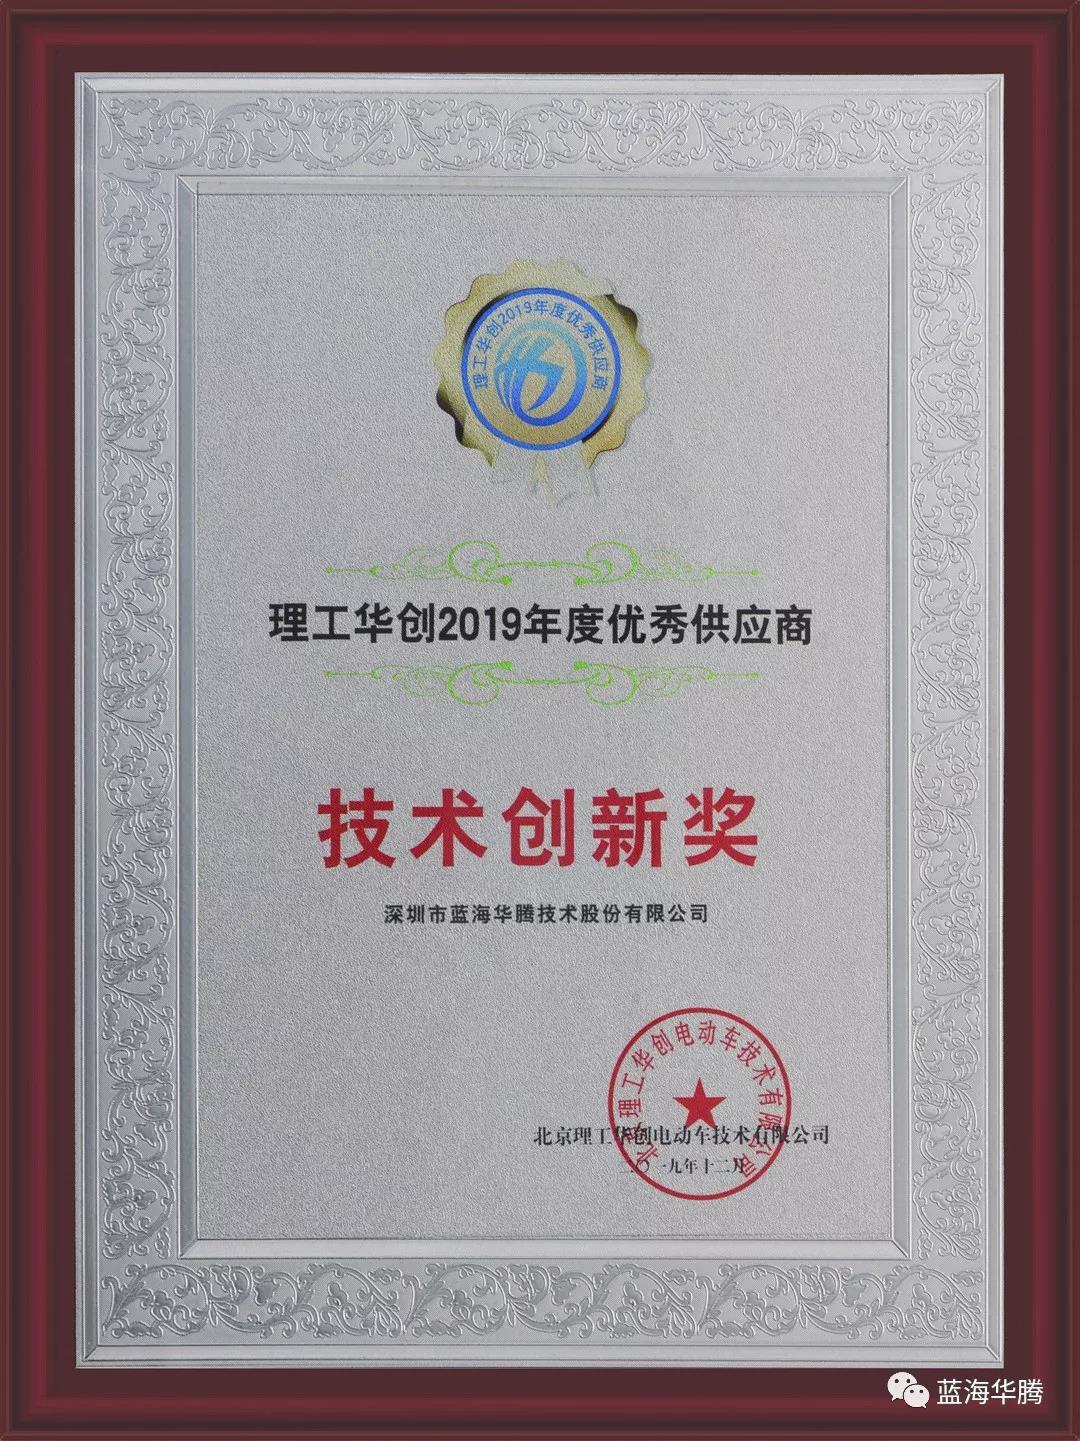 蓝海华腾荣膺技术创新奖